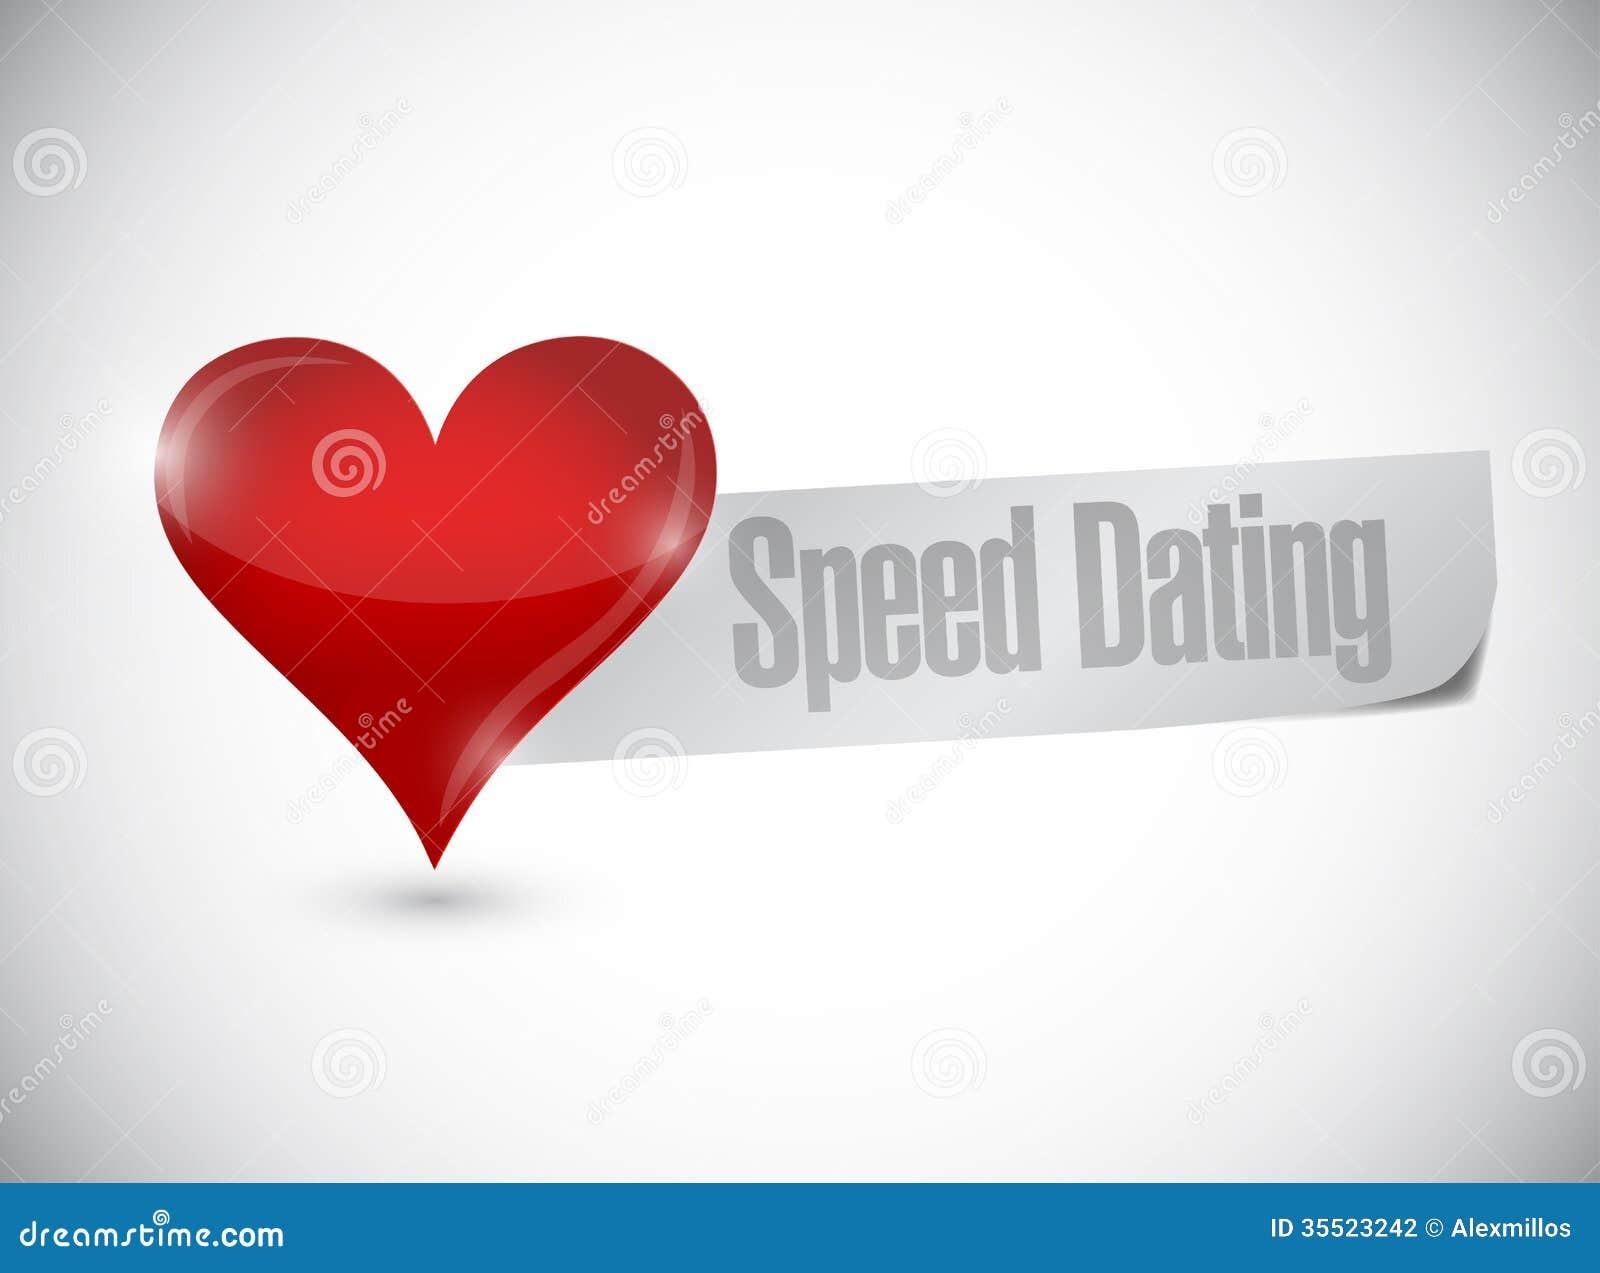 φίλους με προνόμια και dating με άλλους